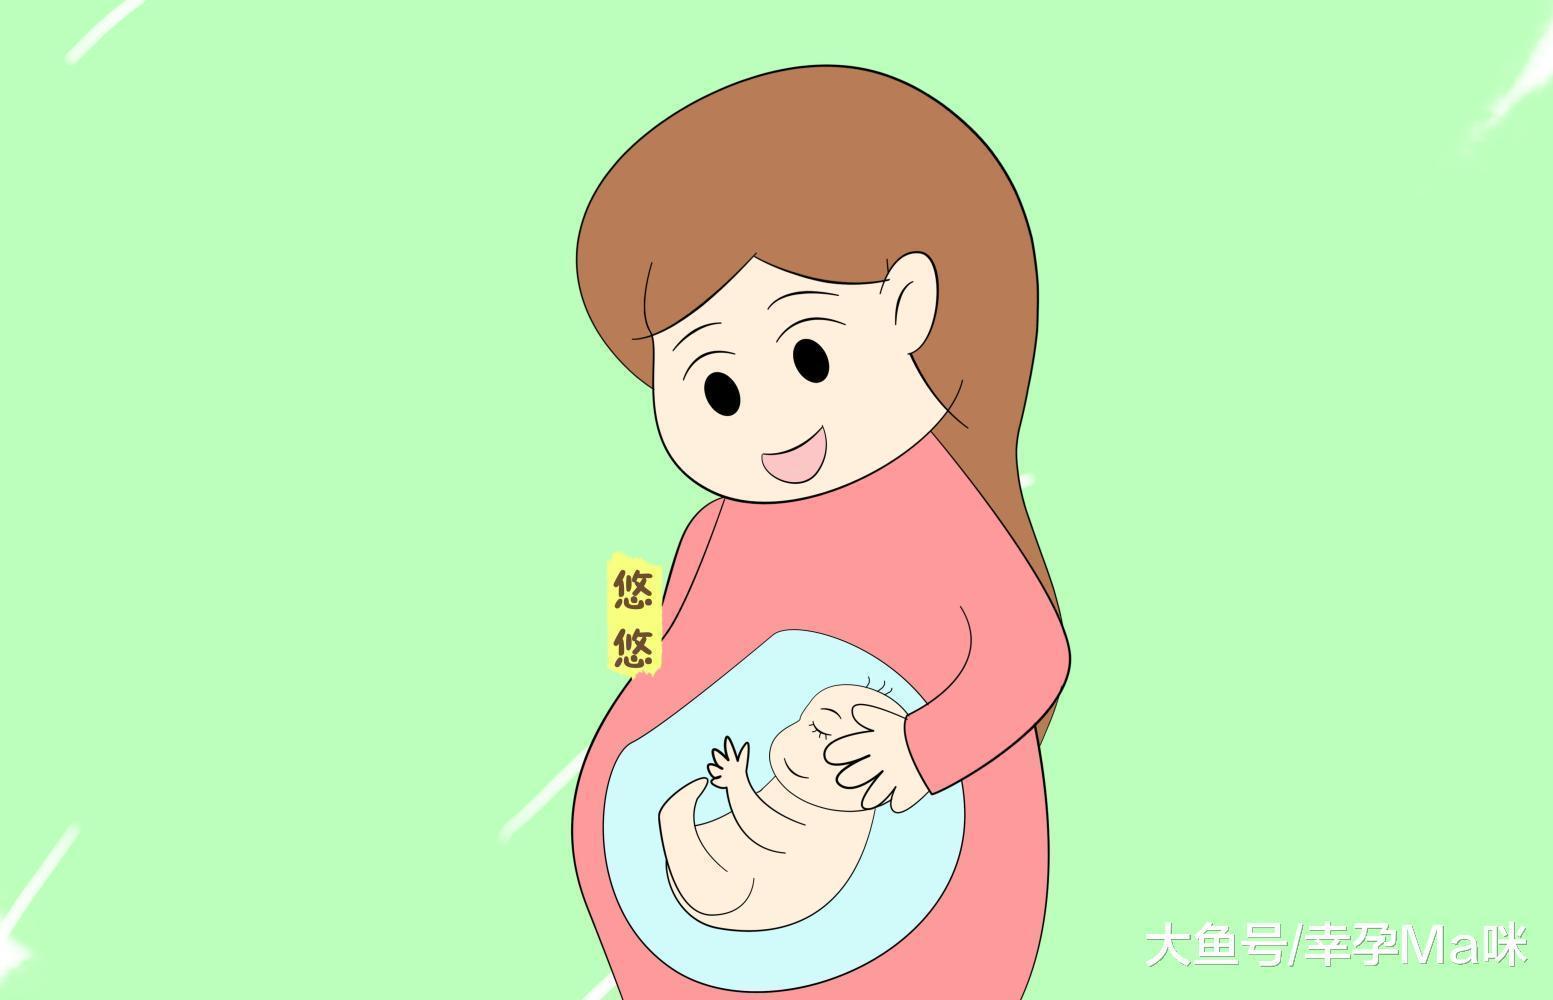 剖腹产手术前, 做到这4件事, 对孕妈和胎儿都好